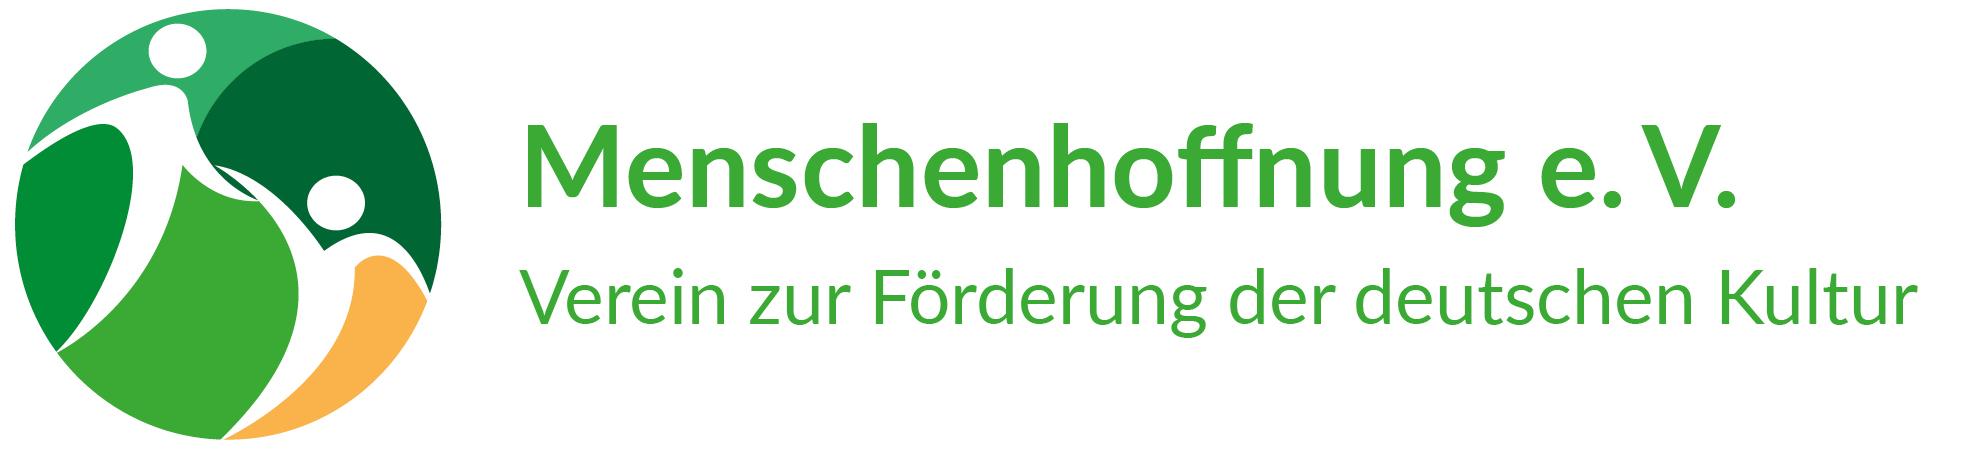 Verein zur Förderung der deutschen Kultur – Menschenhoffnung e.V.